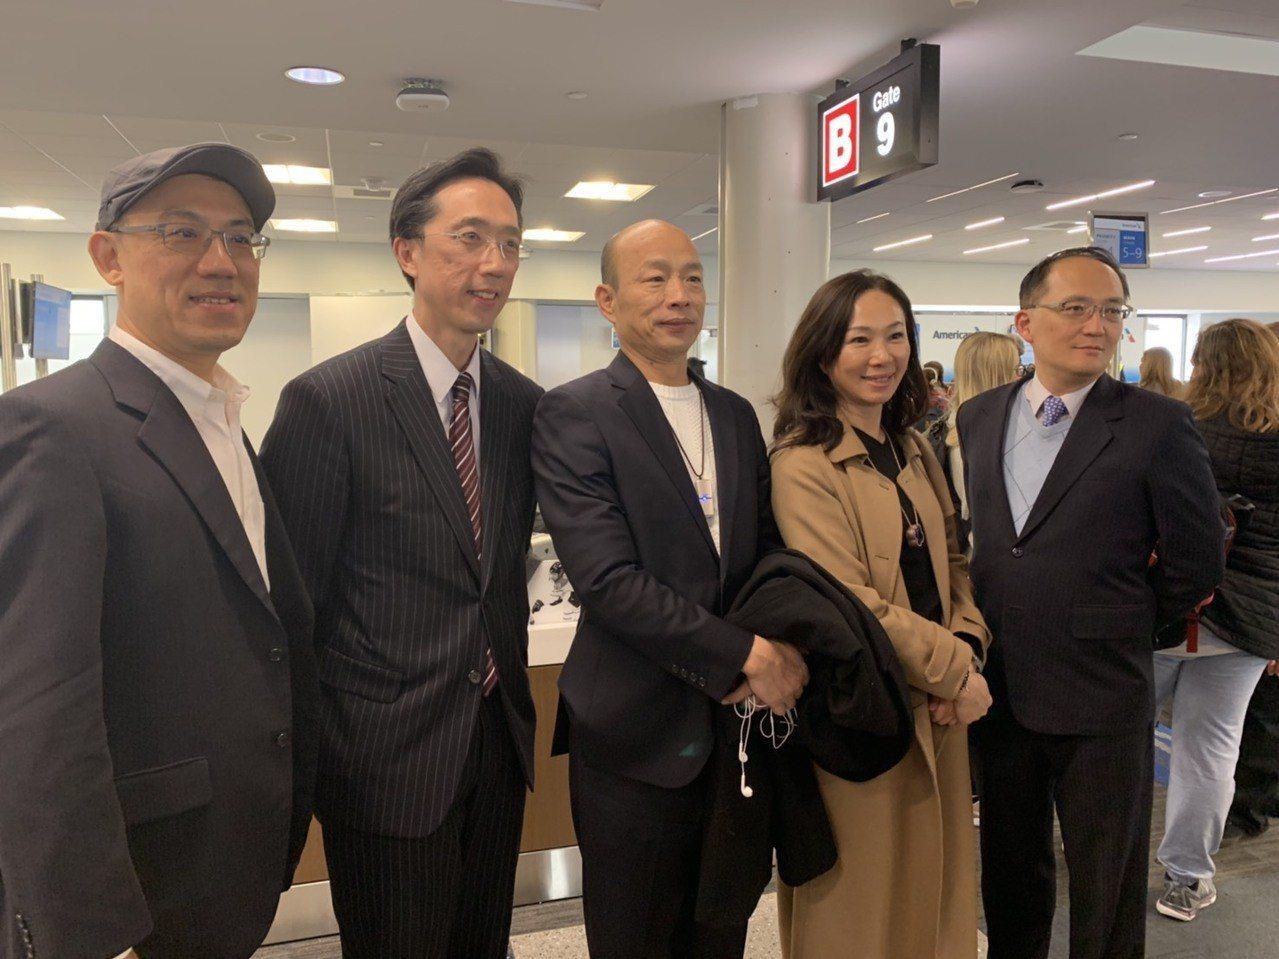 美東時間12日上午12時許,高雄市長韓國瑜正準備從波士頓機場轉機到洛杉磯。記者王...